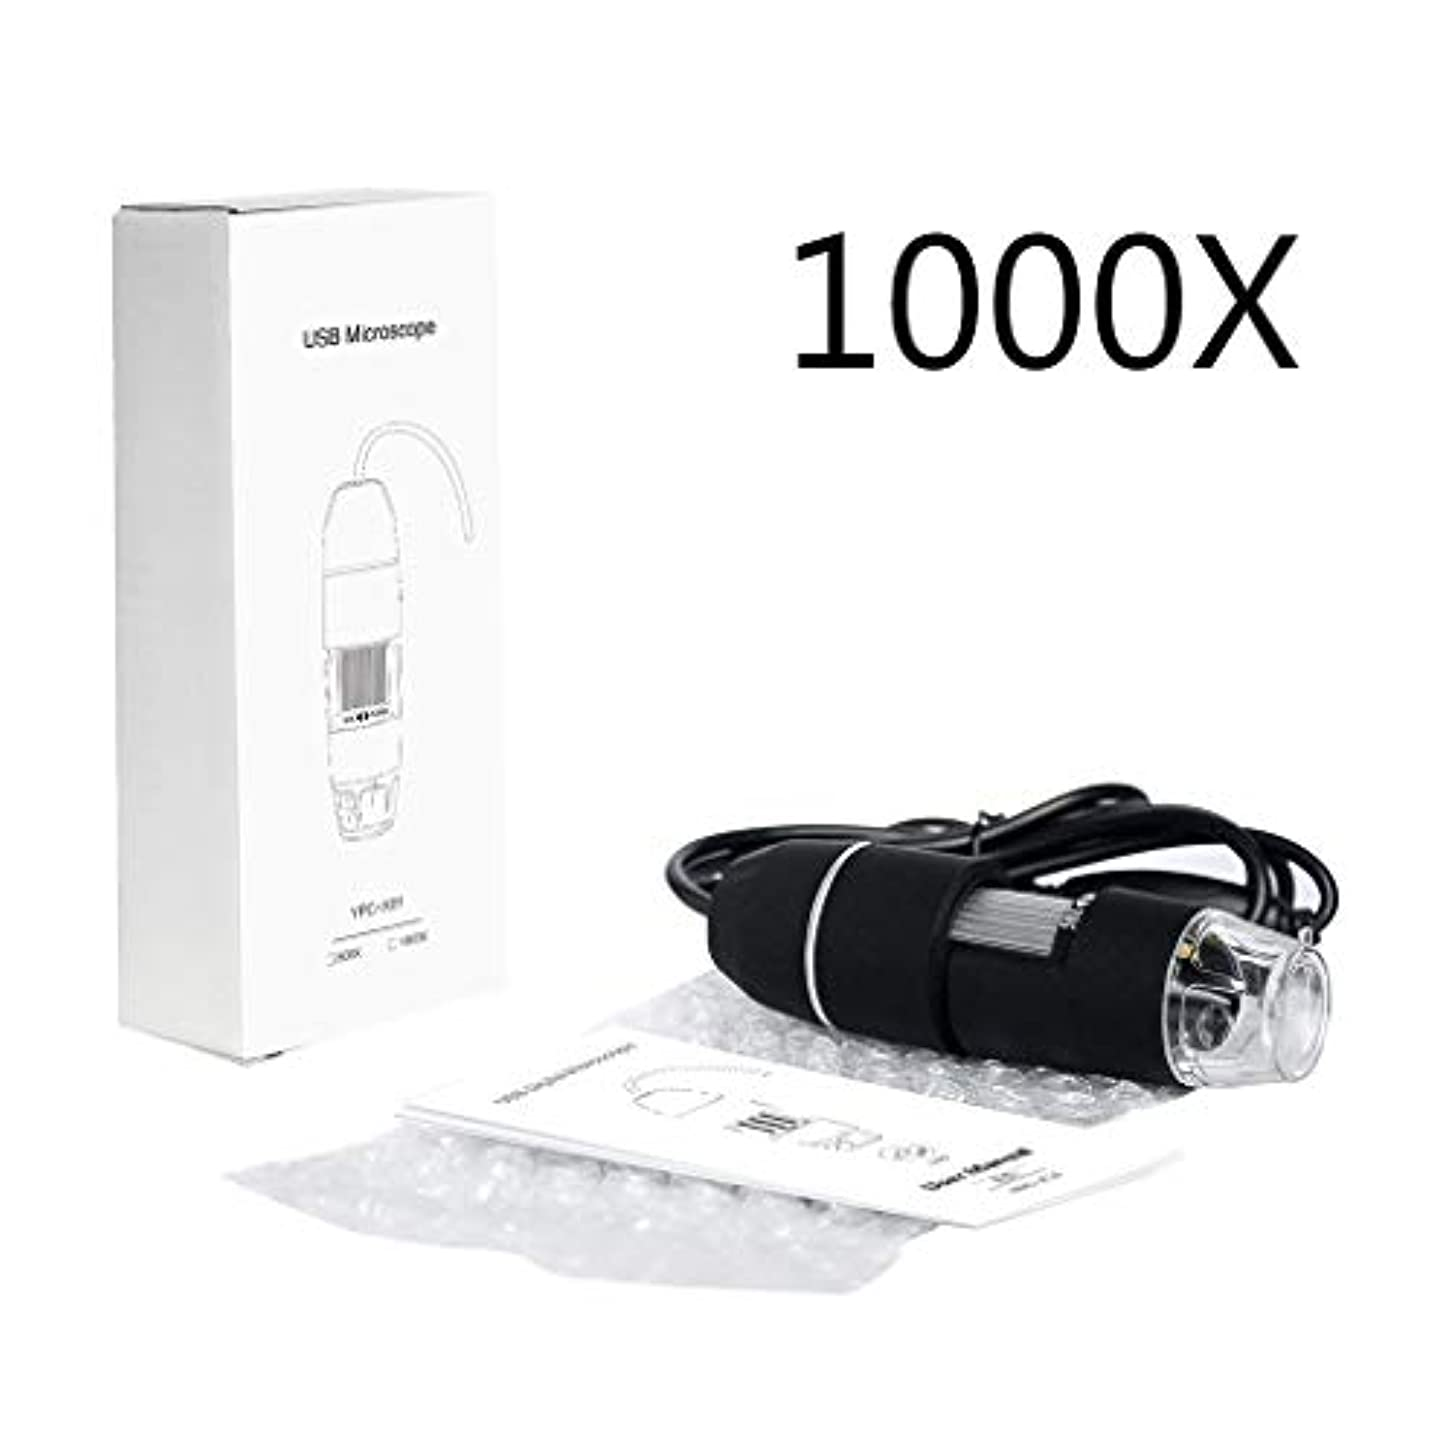 アルコール冷蔵する許容USBマイクロスコープ、電話の修理はんだ、皮膚検査、繊維検査、宝石検査のための8ツェッペリン、多目的拡大鏡顕微鏡、とハンドヘルド1000XデジタルUSB顕微鏡